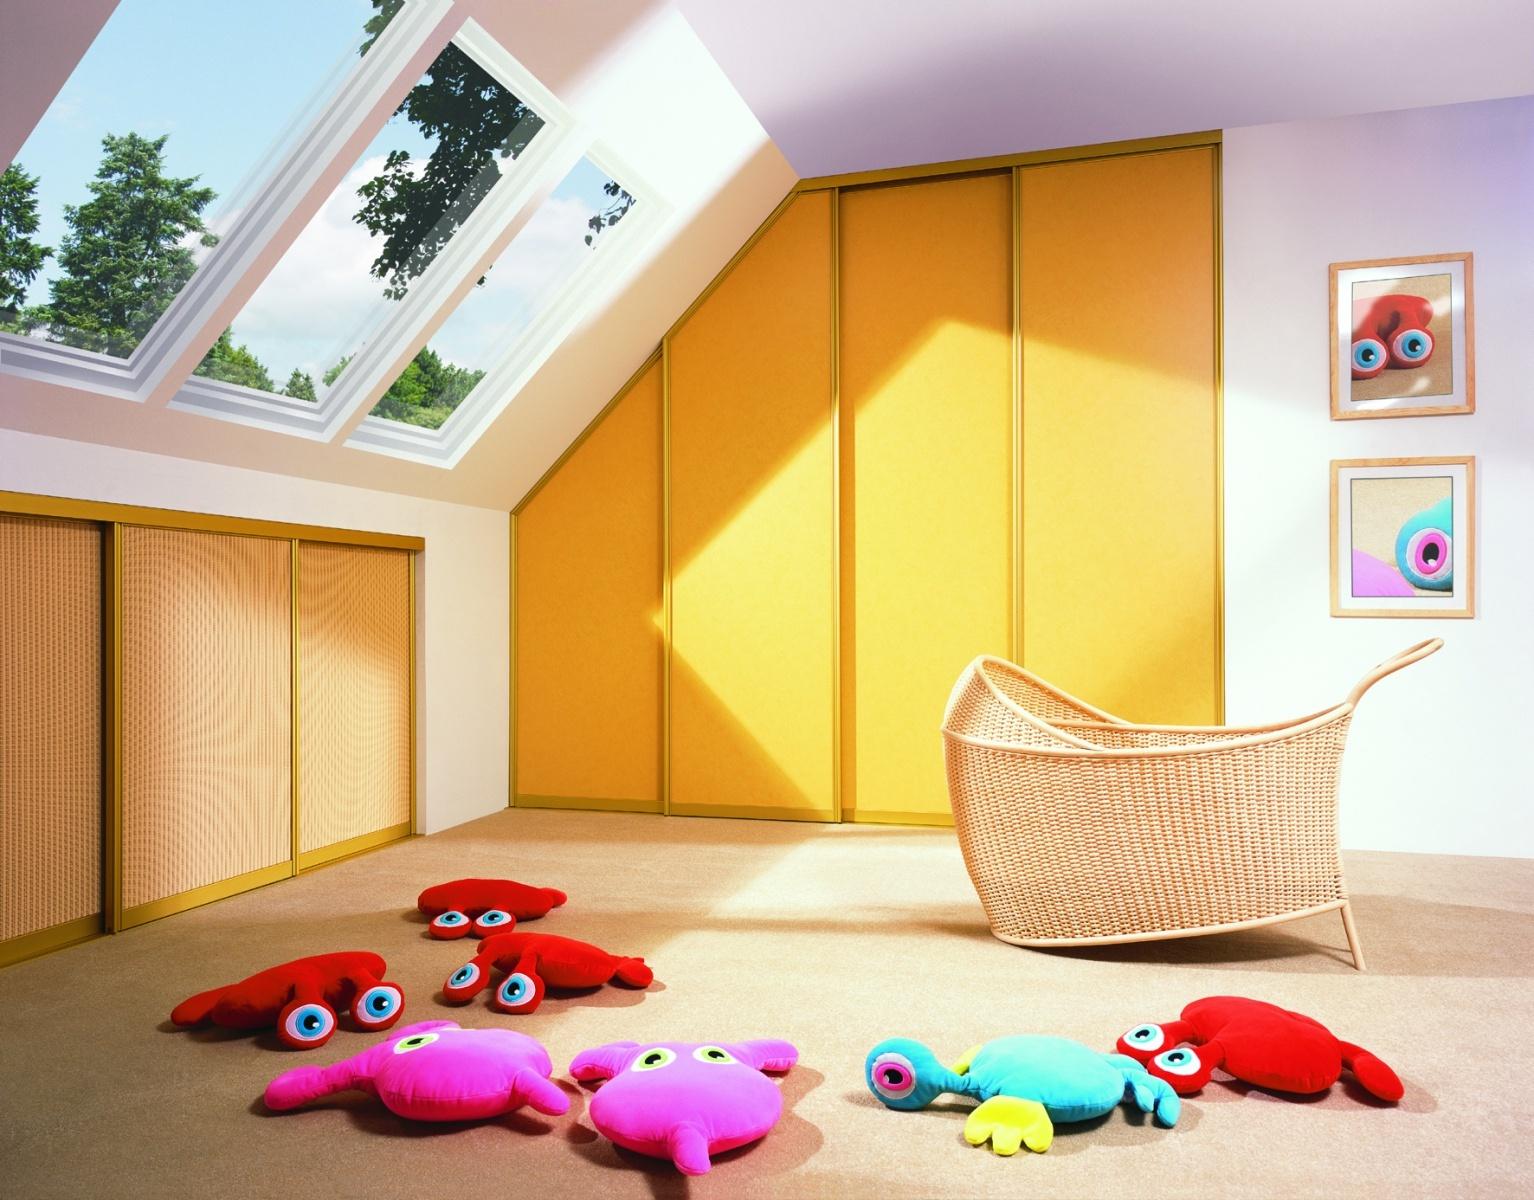 Jak vytvořit v podkroví dětský pokoj snů?